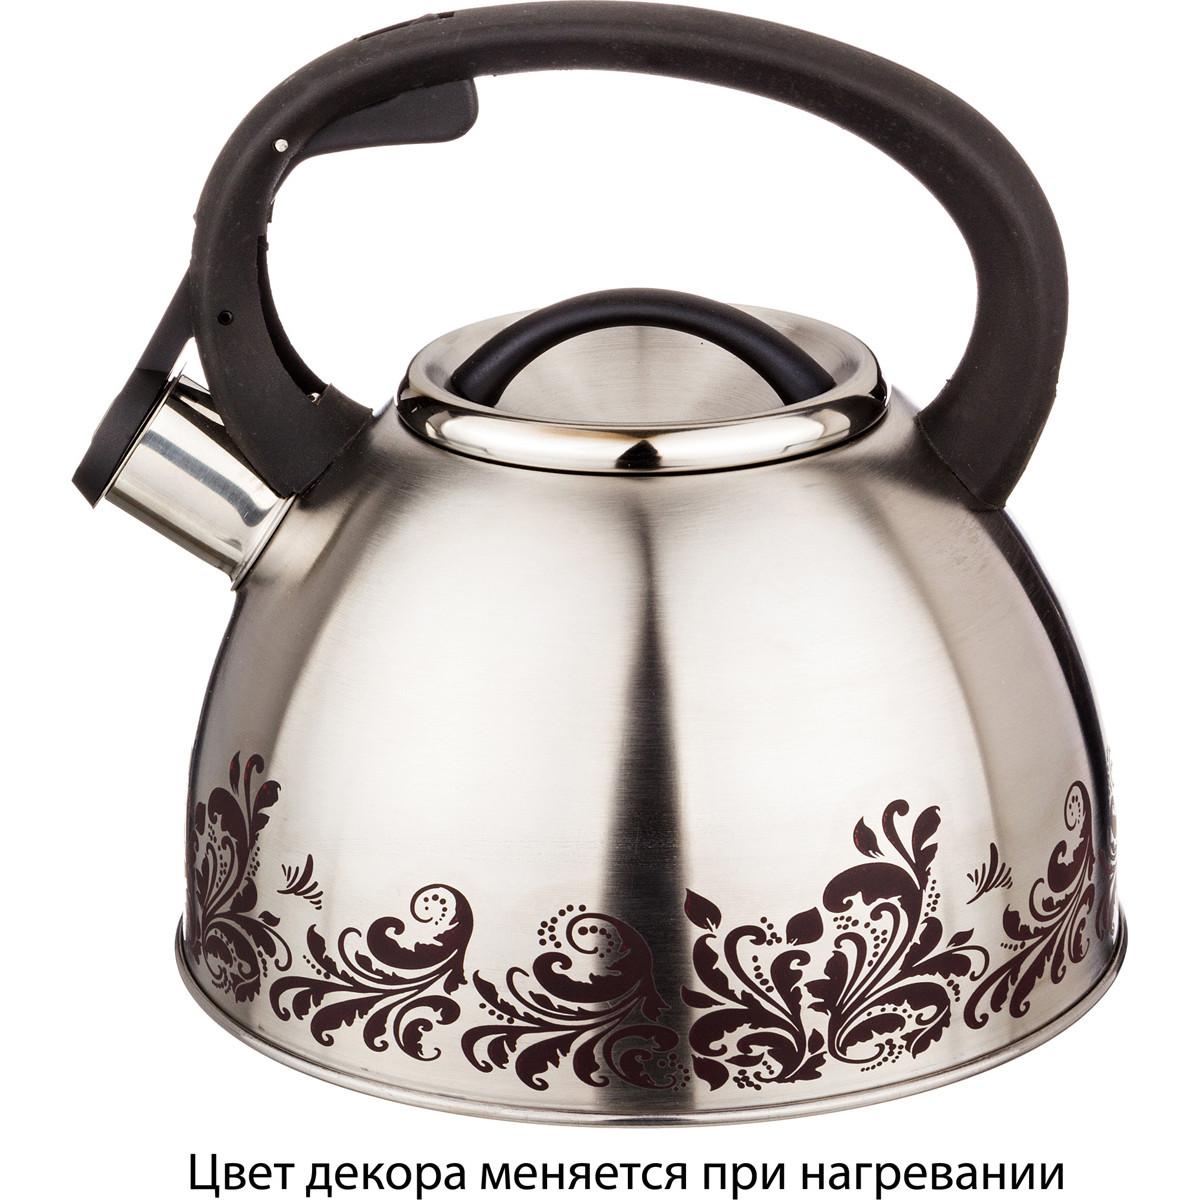 {} Agness Чайник со свистком Quintana  (2500 мл) чайник agness 3л нерж сталь со свистком